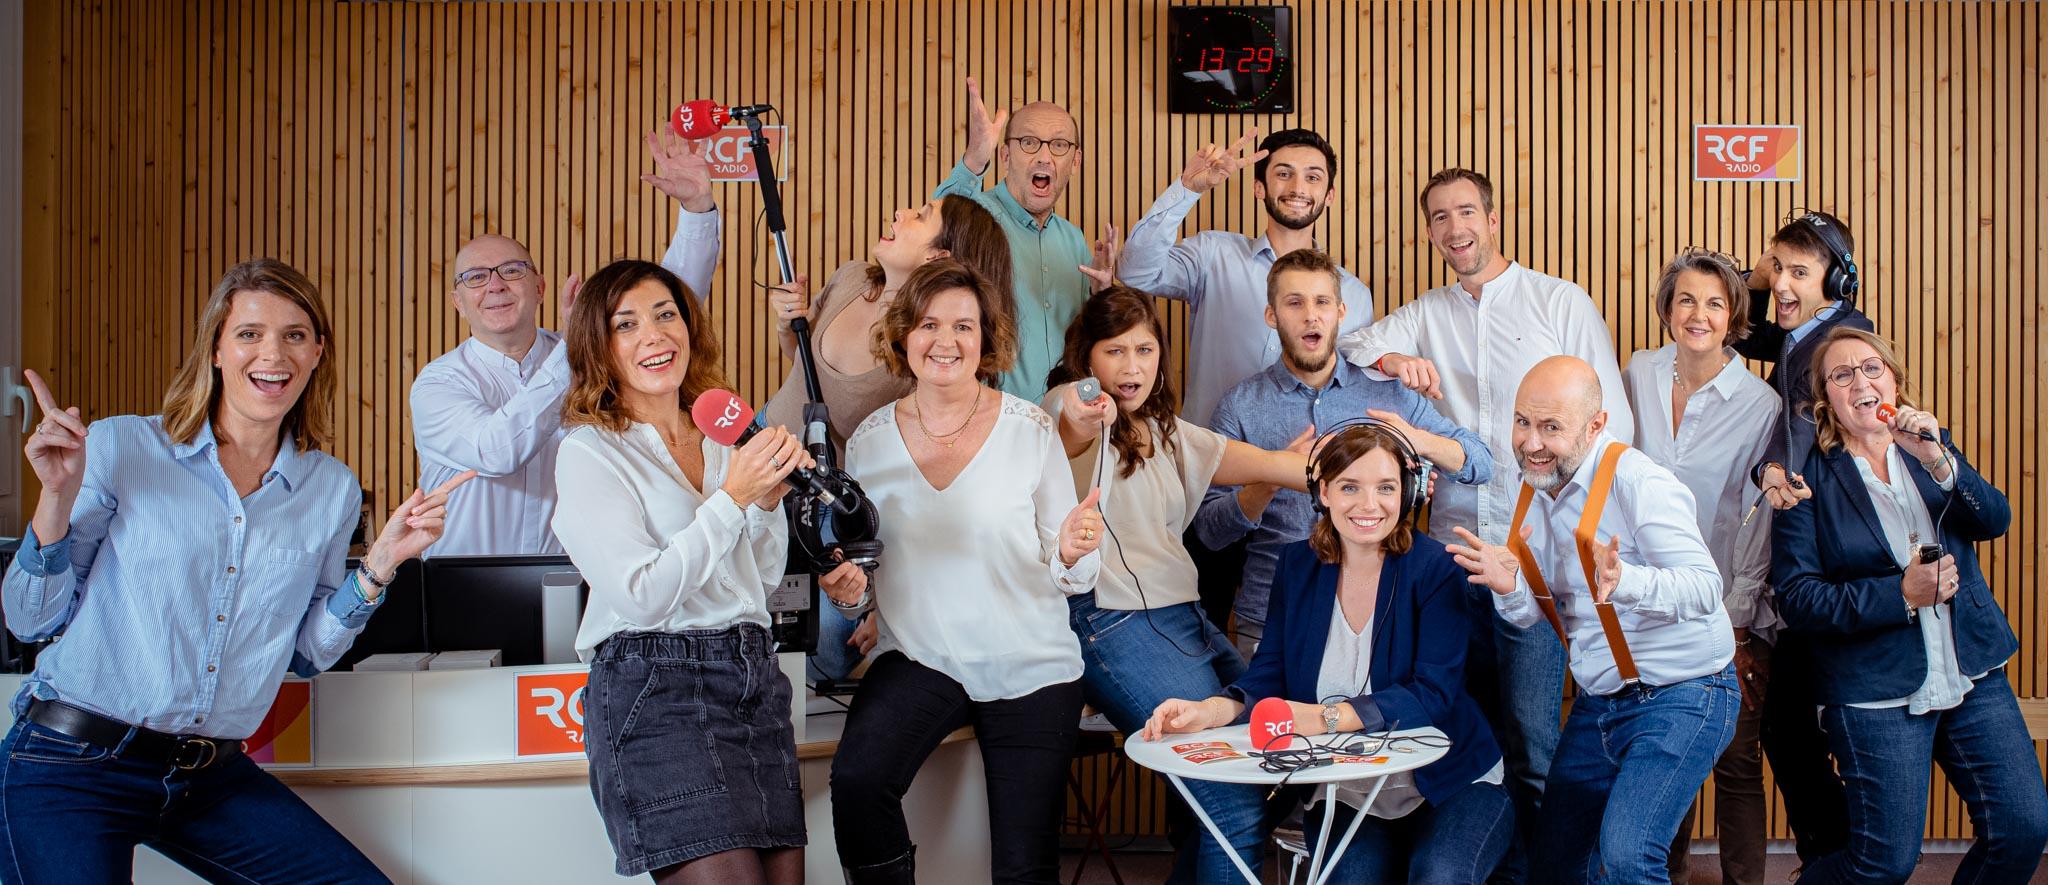 photo originale d'equipe professionnel en entreprise Radio RCF Lyon